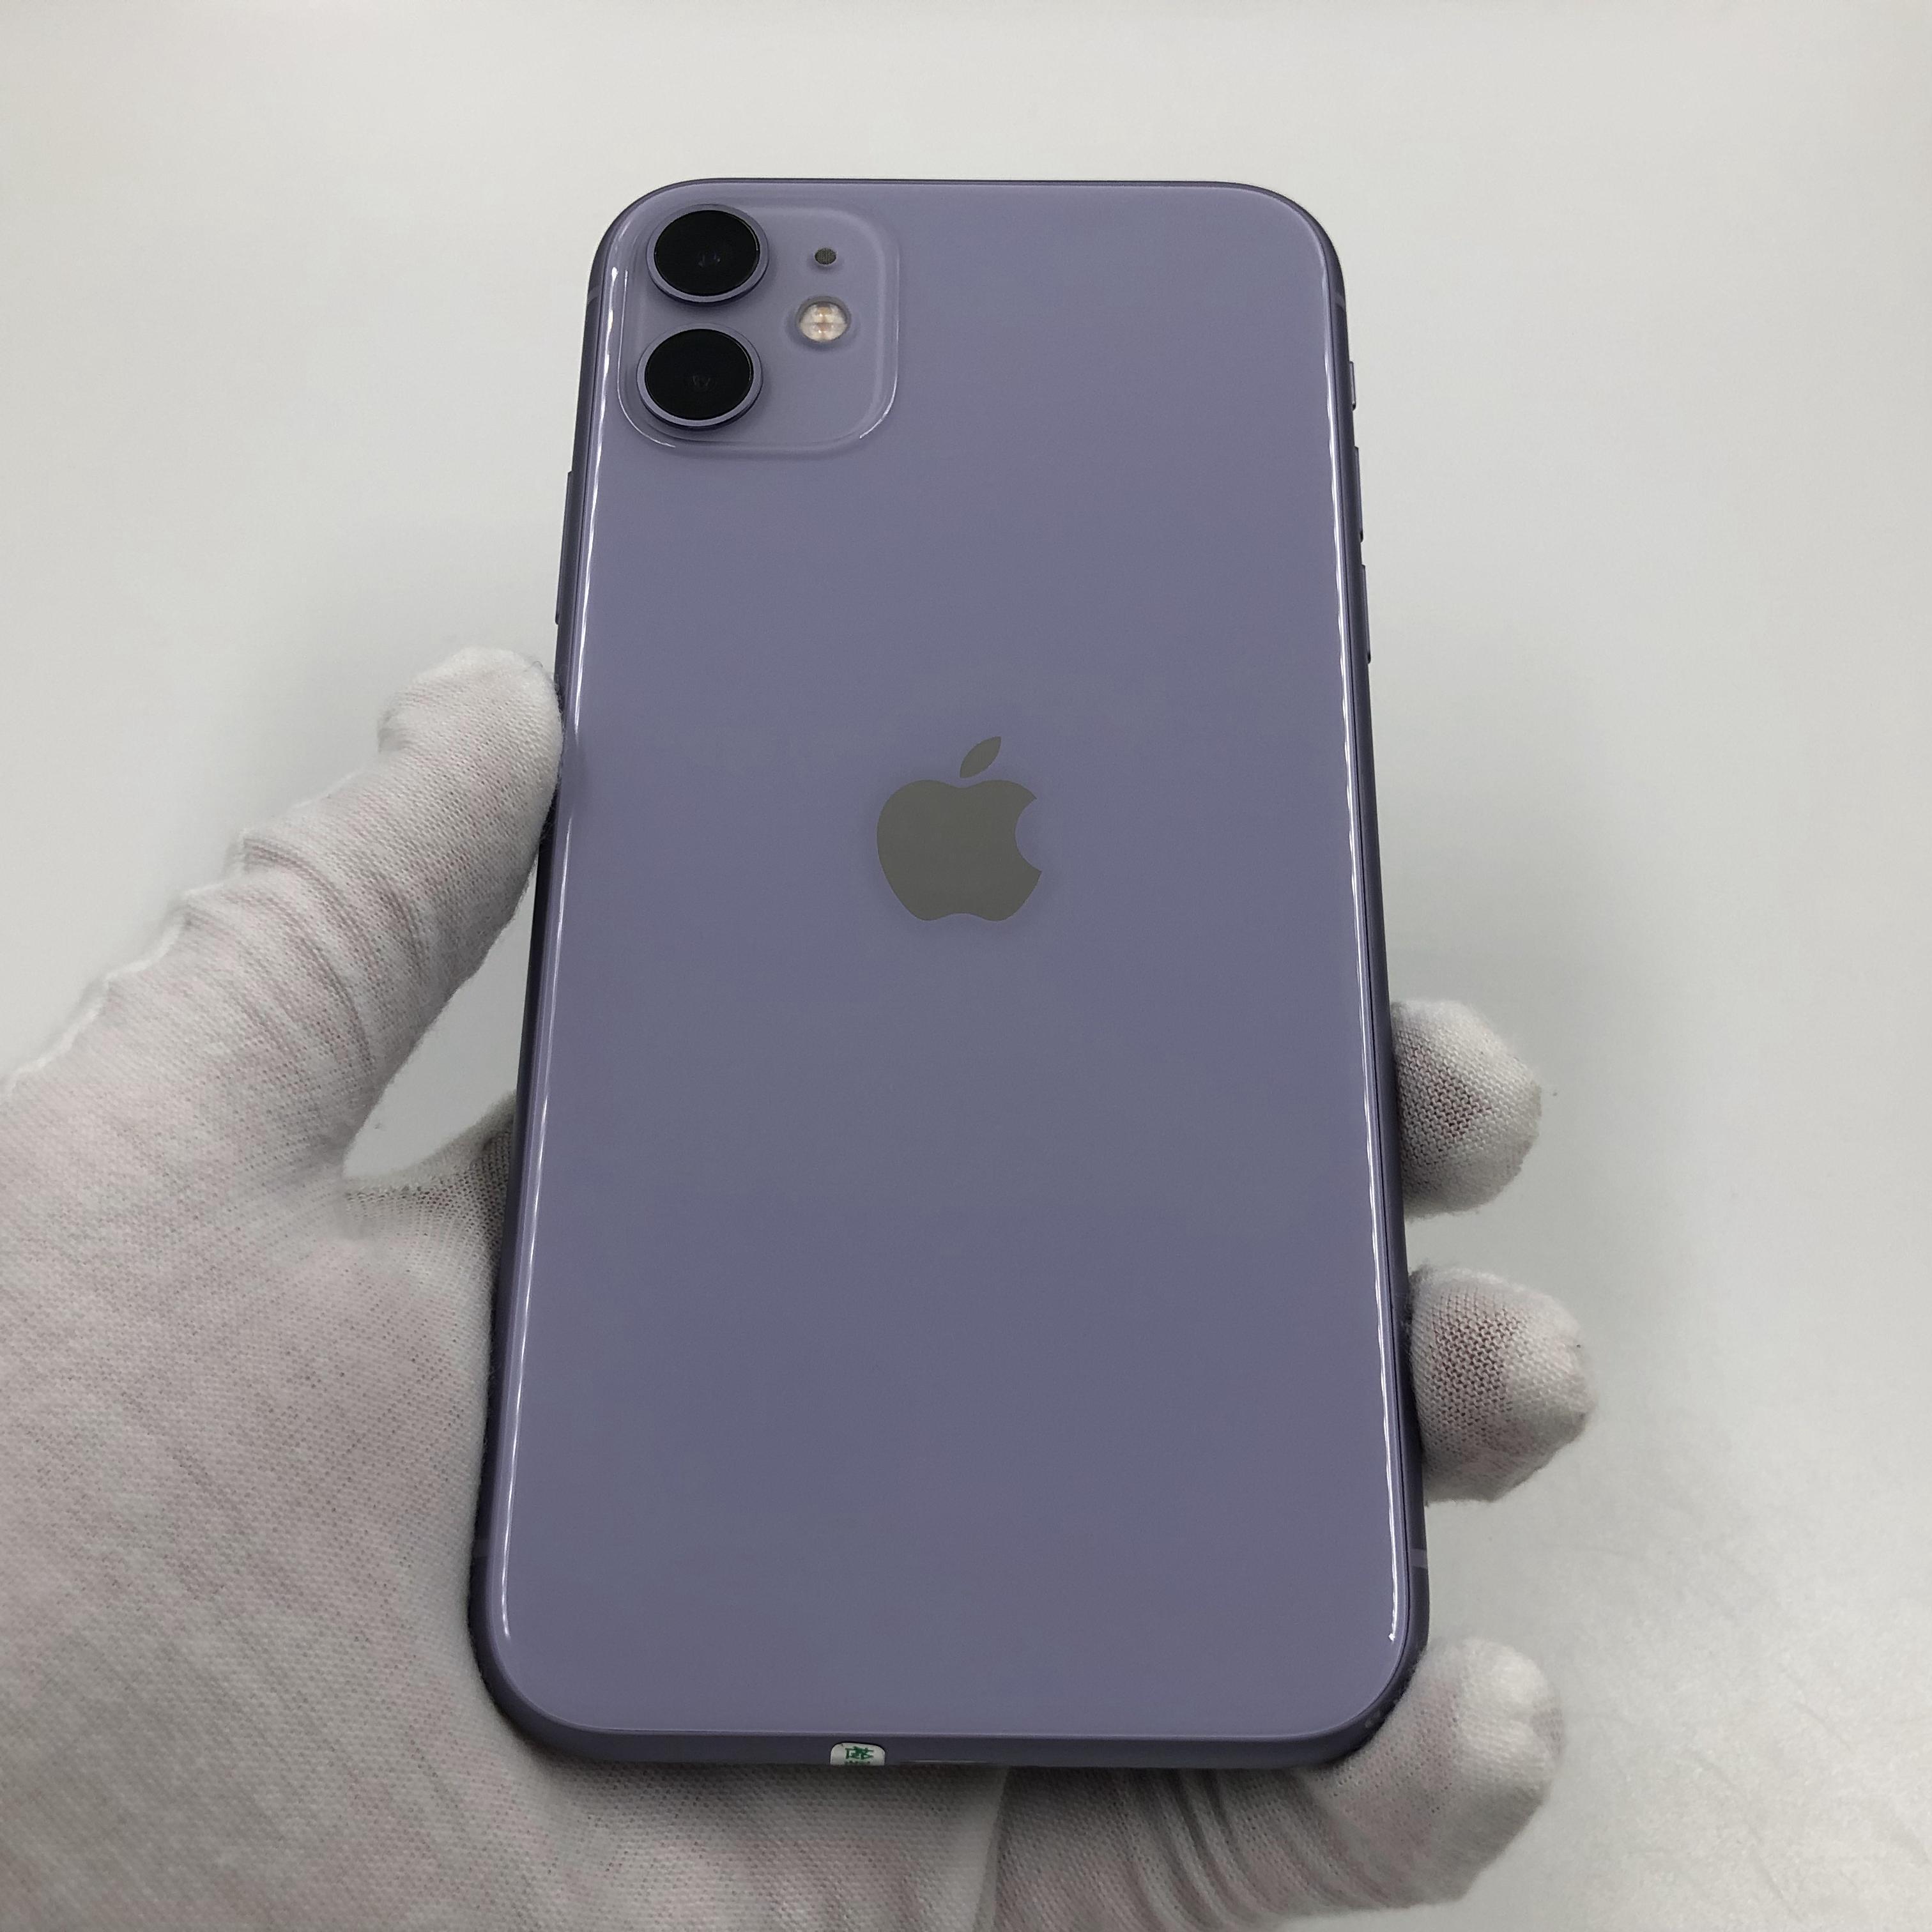 苹果【iPhone 11】4G全网通 紫色 128G 国行 8成新 真机实拍